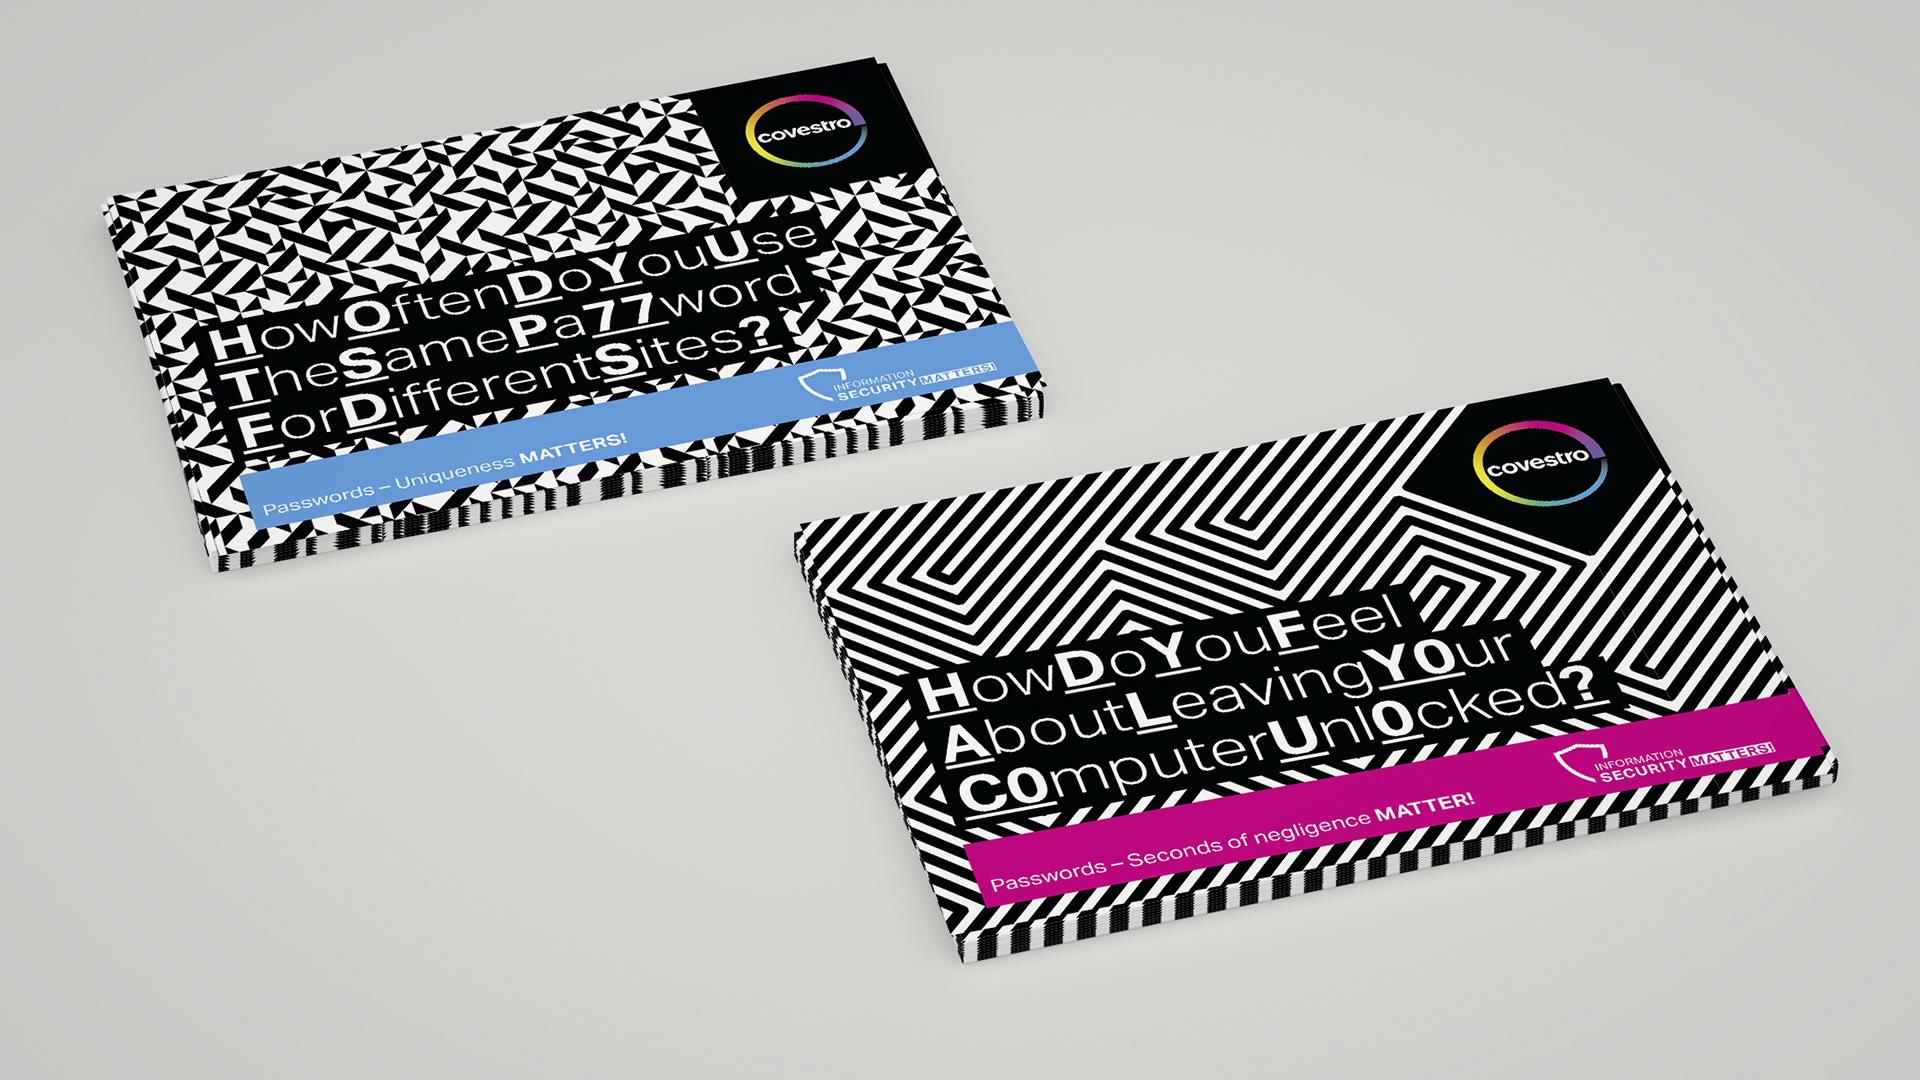 Covestro AG Kampagne Passwortsicherheit Postkartenset